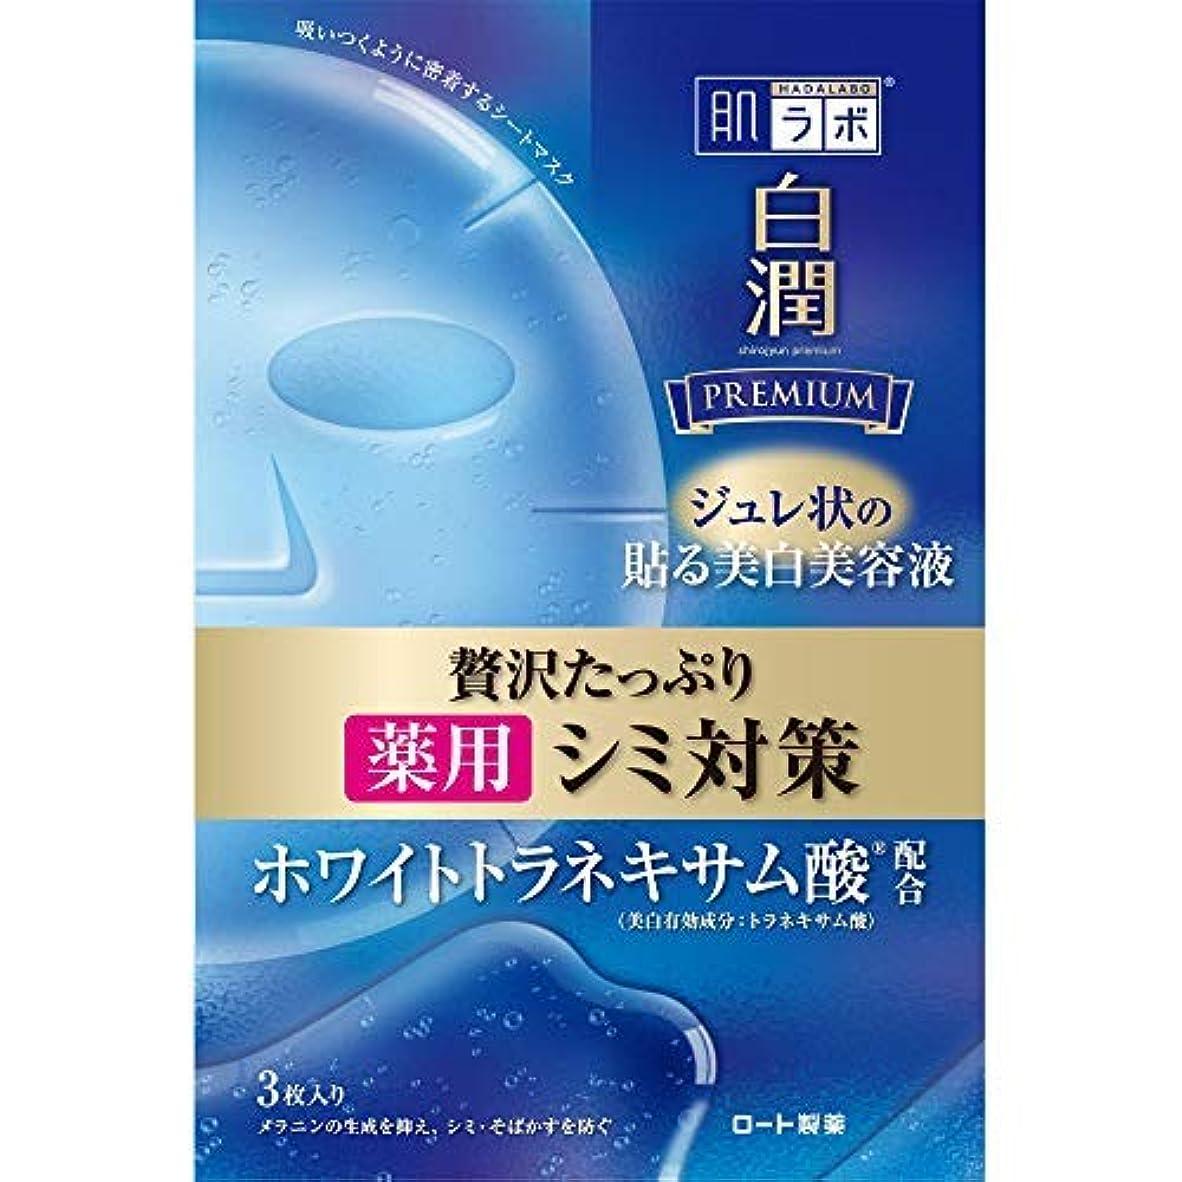 厚さセンサー競う肌ラボ 白潤プレミアム 薬用浸透美白ジュレマスク × 2個セット